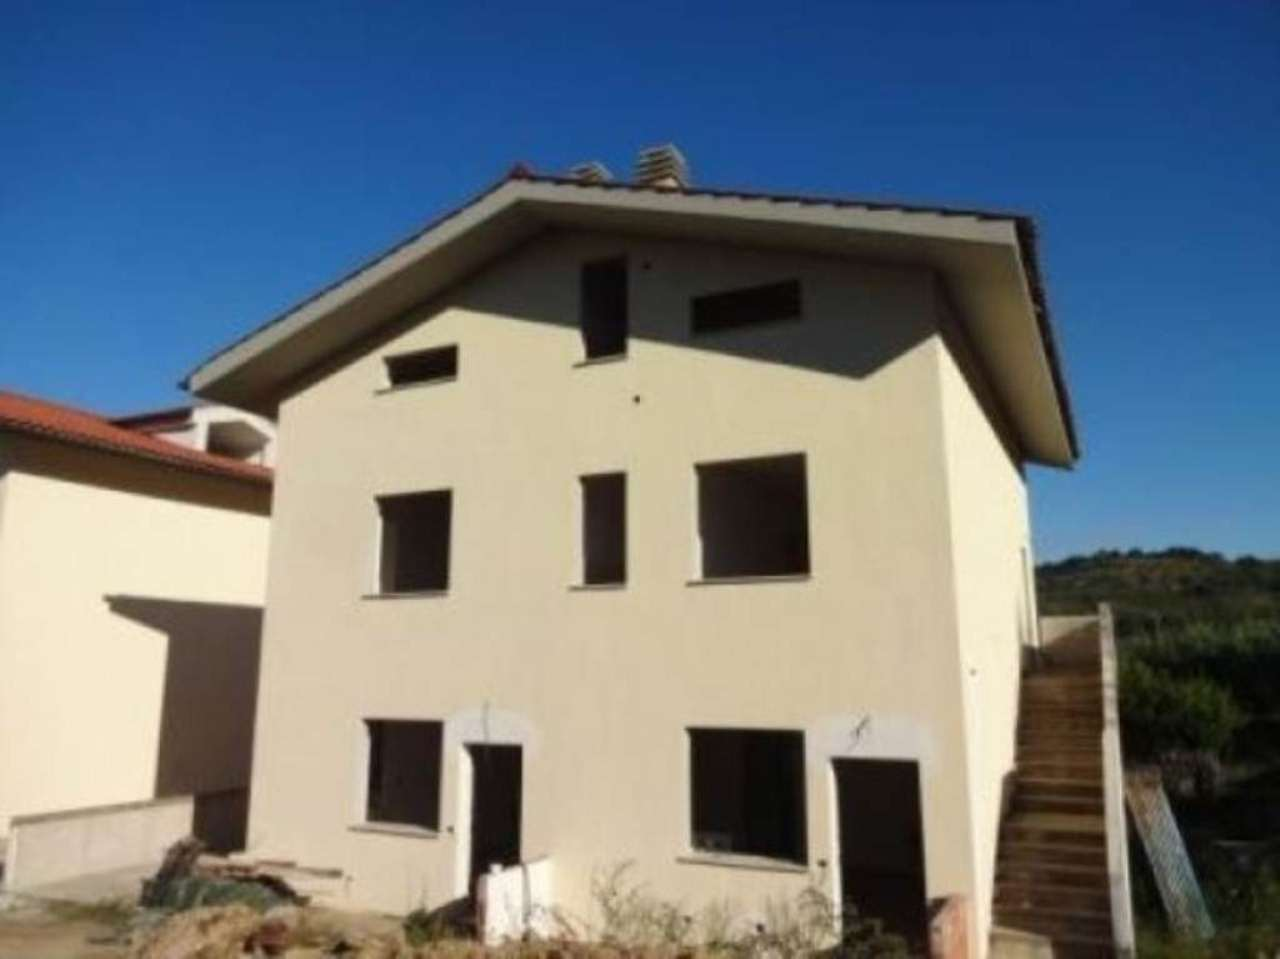 Appartamento in vendita a Crespina Lorenzana, 4 locali, prezzo € 88.000 | Cambio Casa.it